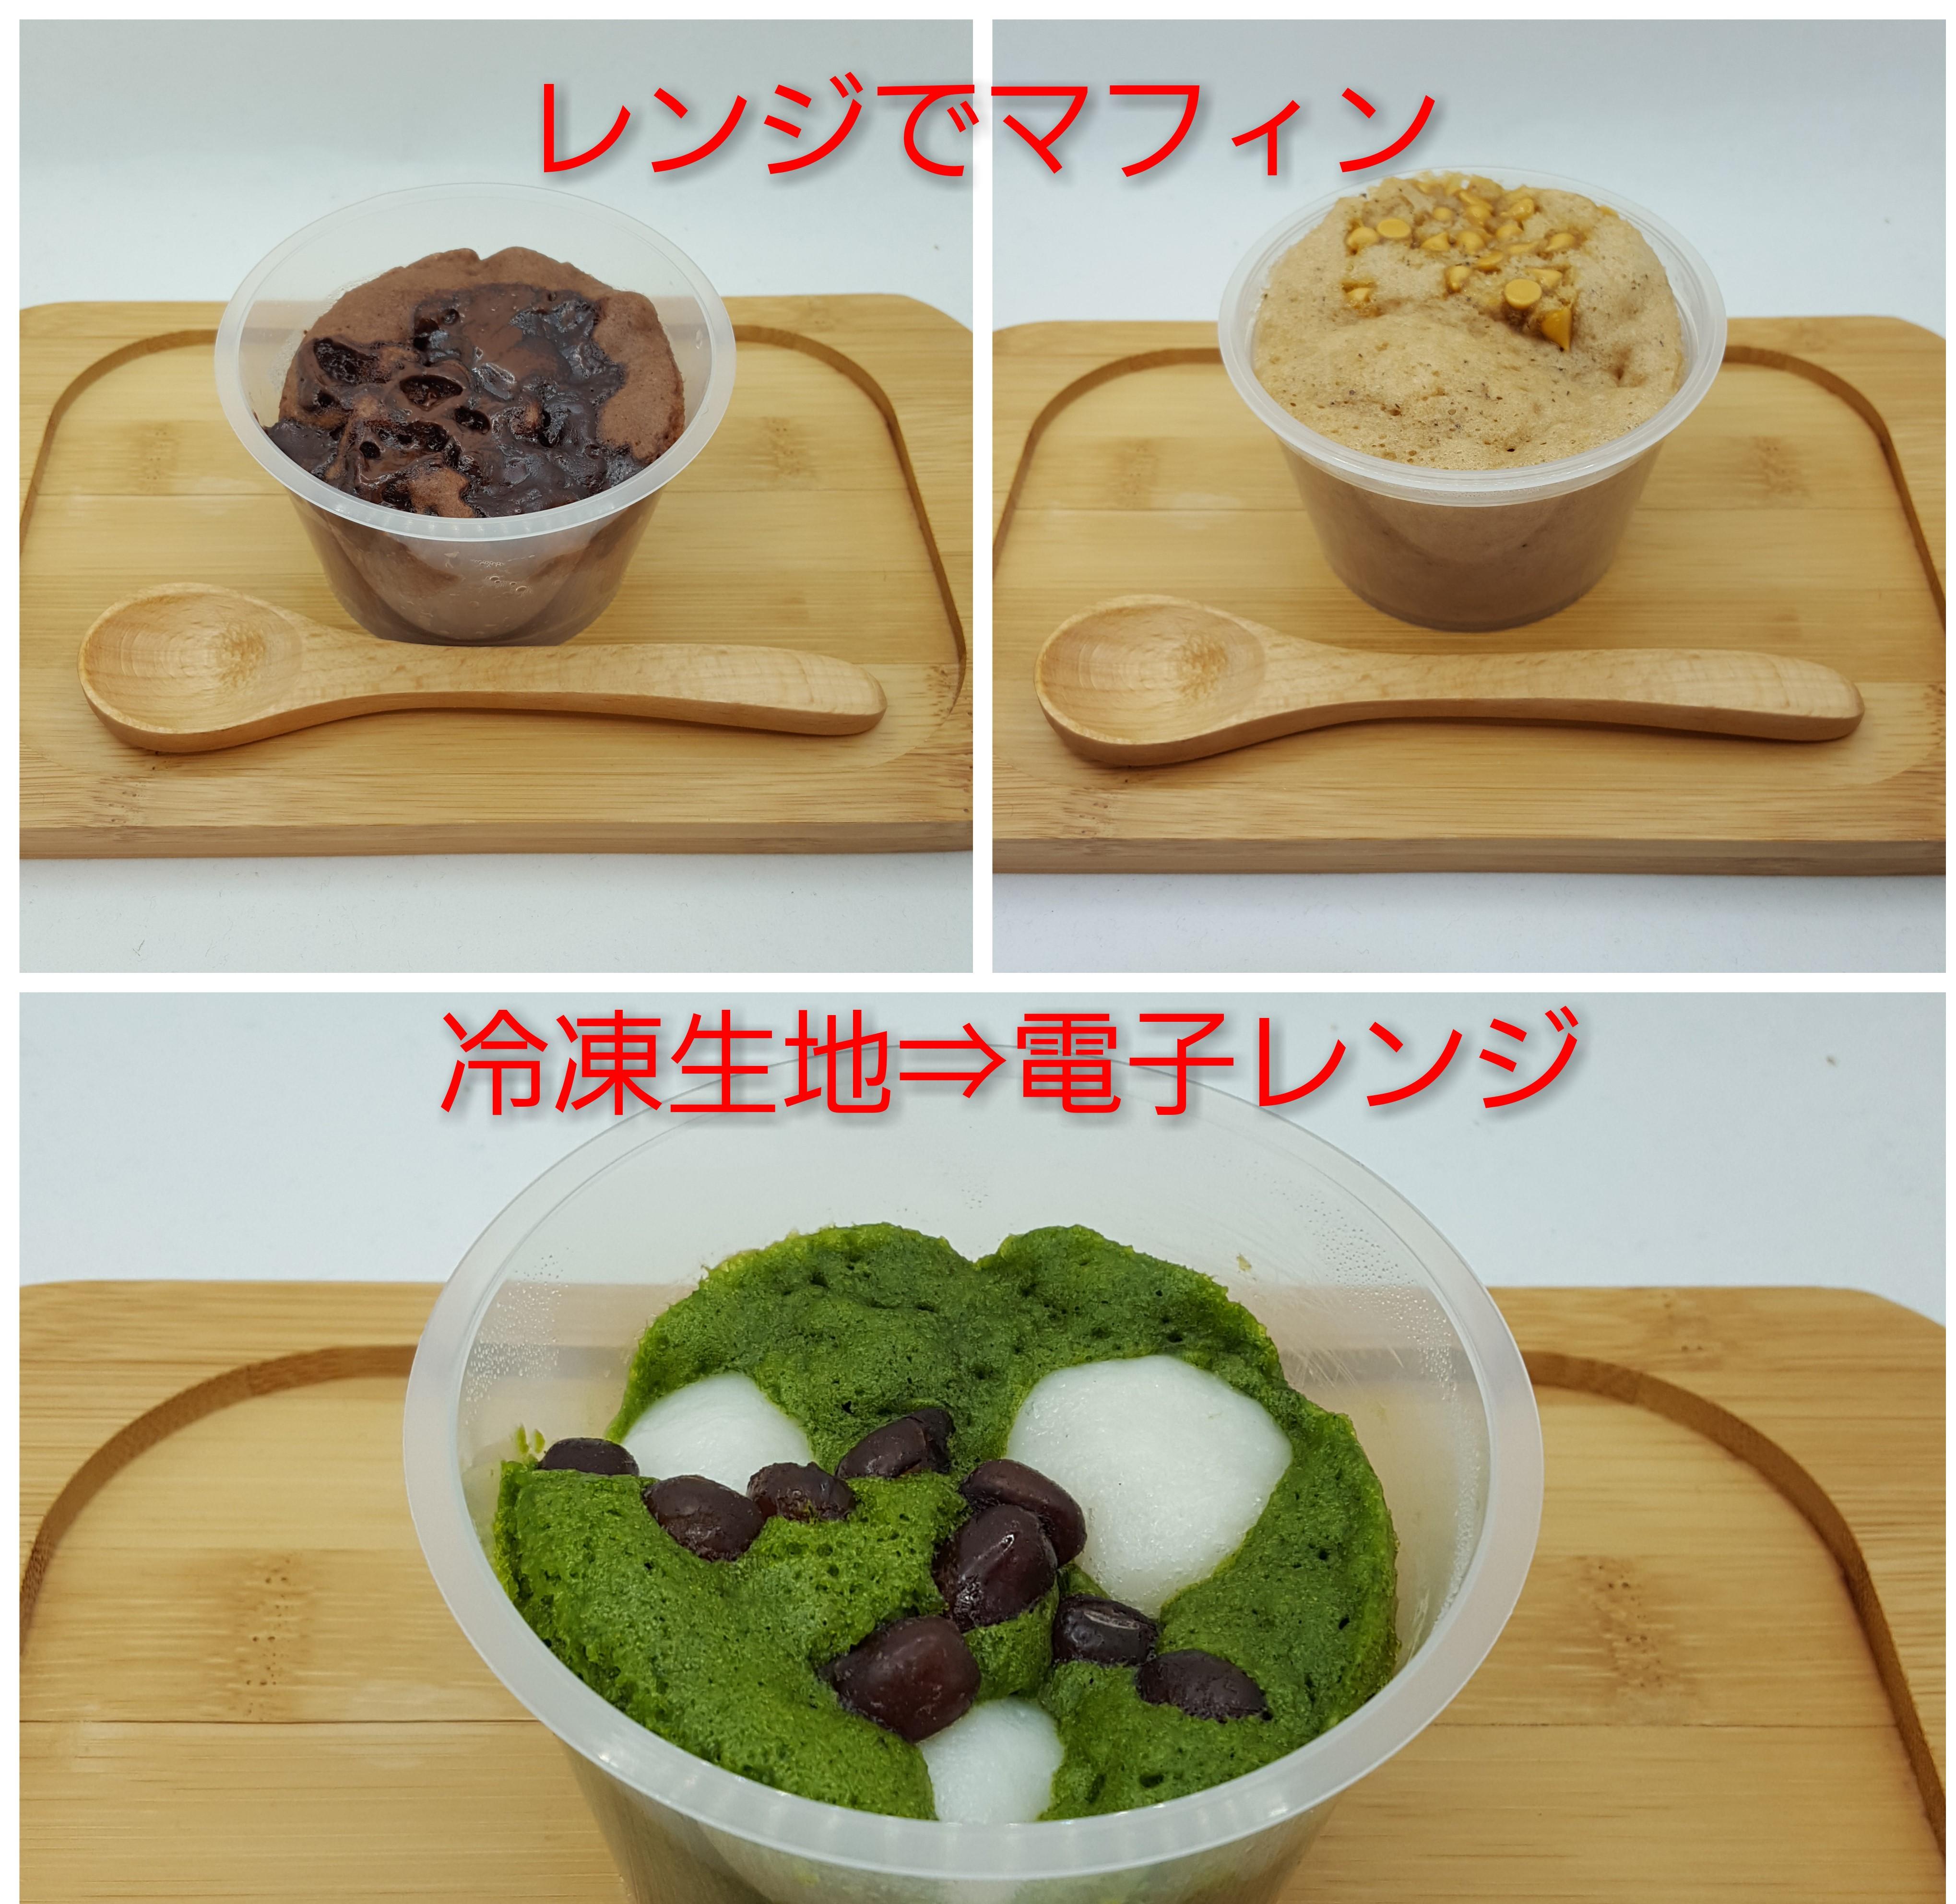 『レンジでマフィン』3種類の味★抹茶白玉小豆★濃厚チョコ★アールグレイ&チョコキャラメル